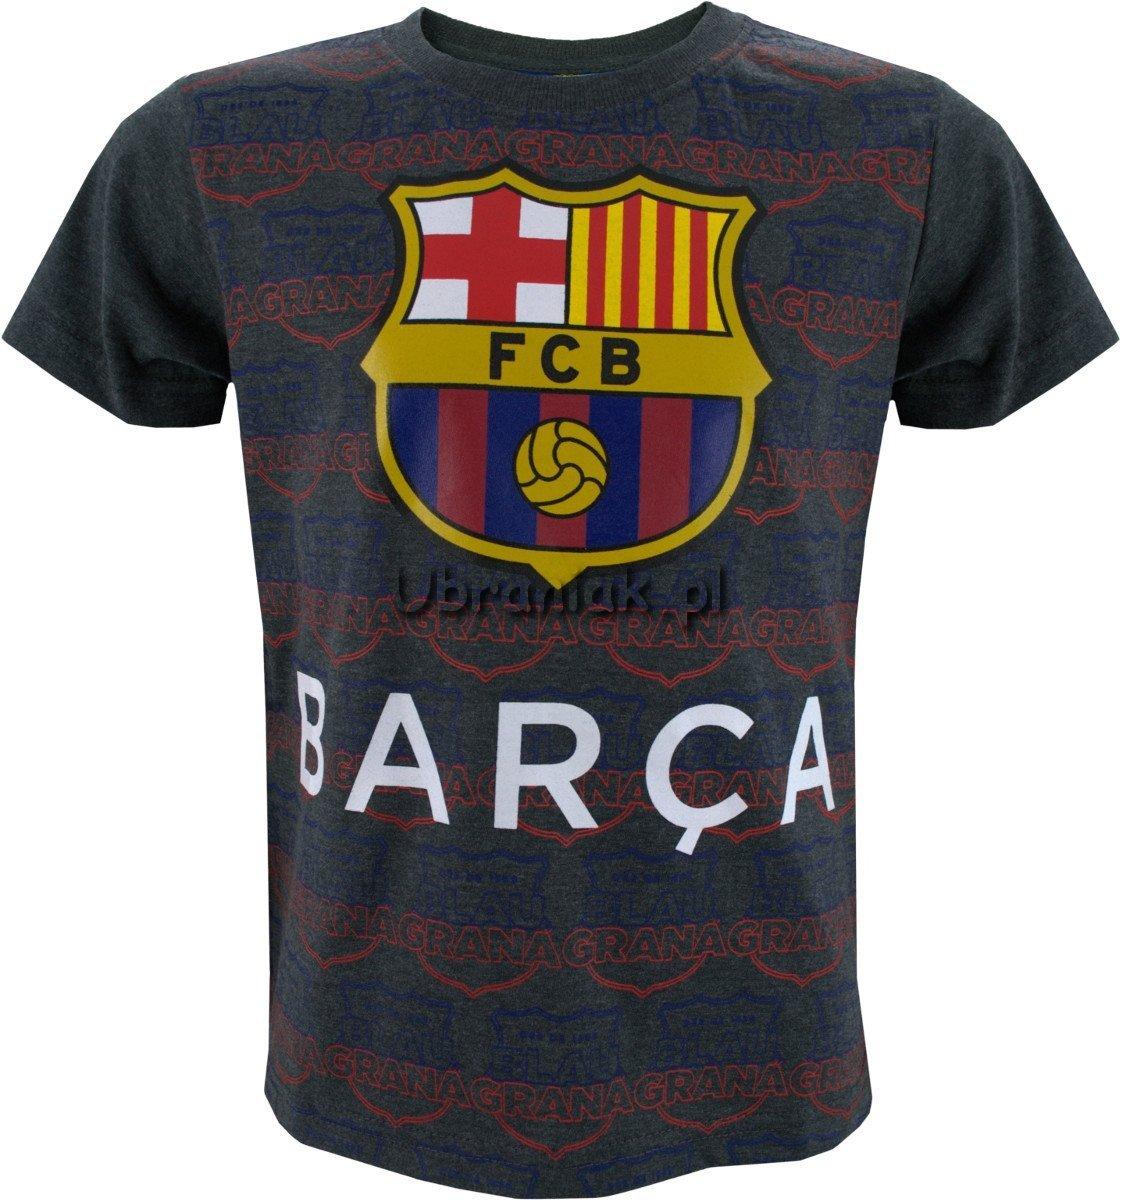 ff6f02988 T-shirt FC Barcelona Barca szary rozmiary 128-158 ubrania dla dzieci